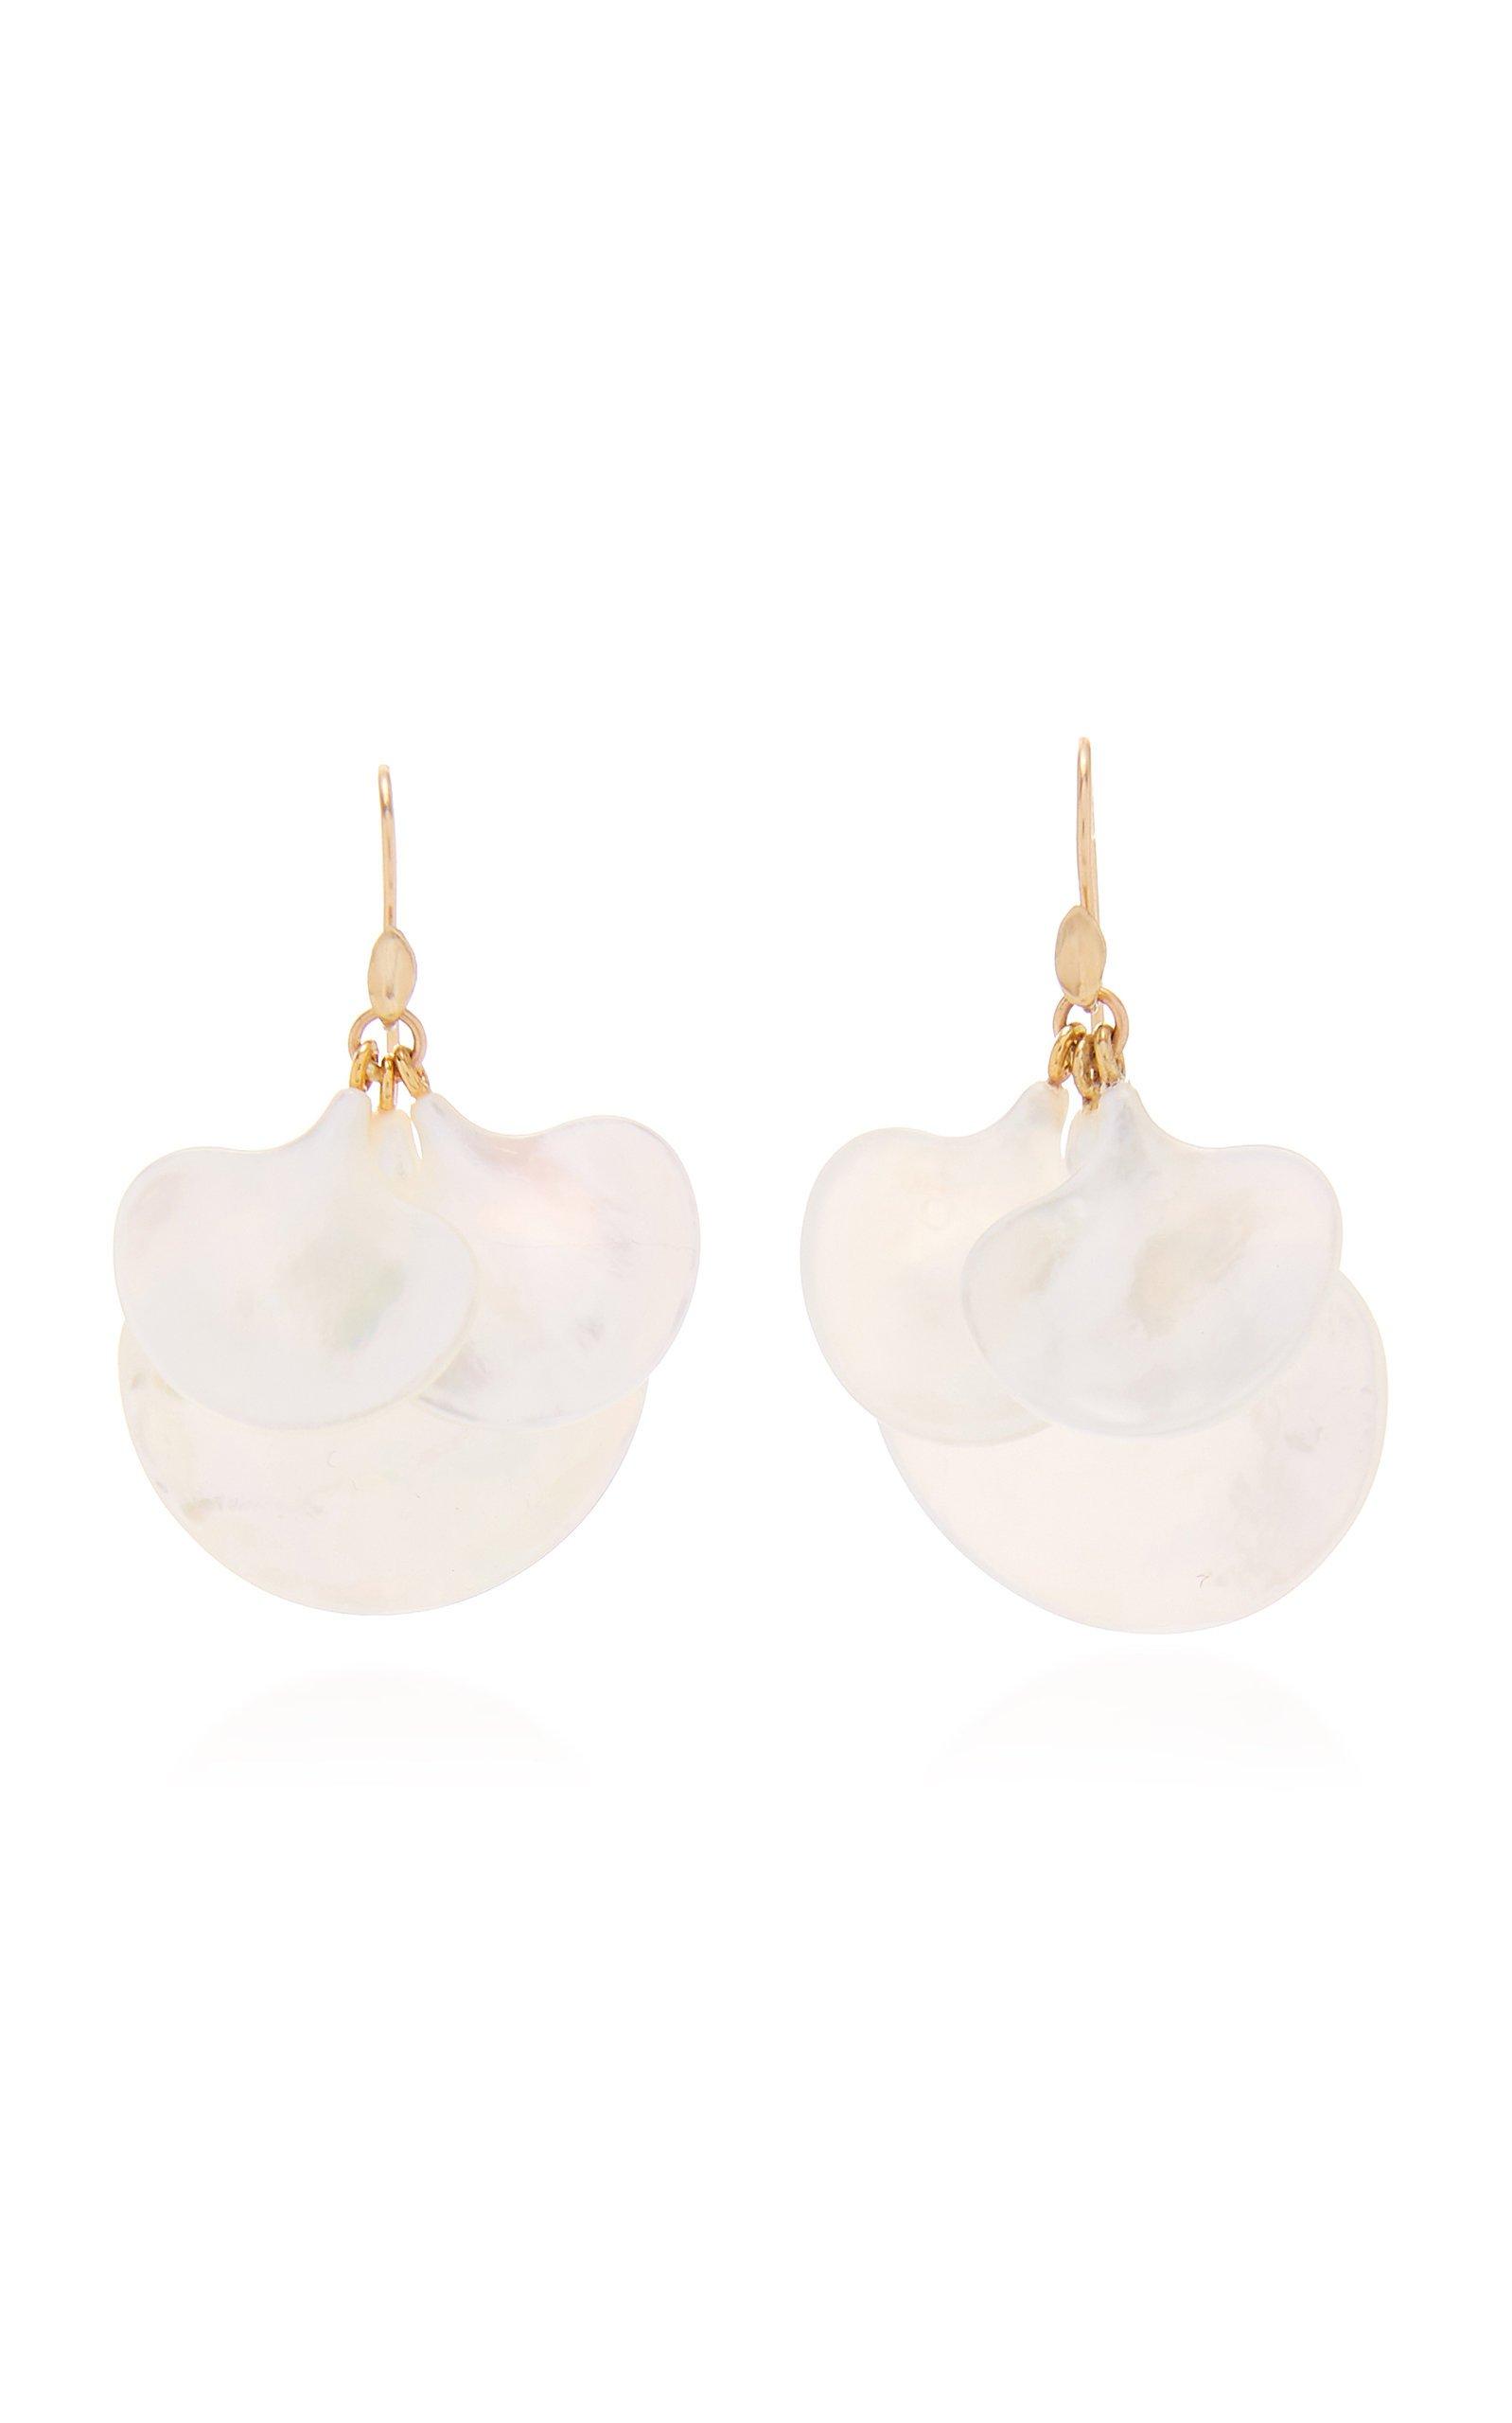 Annette Ferdinandsen Mother of Pearl Ginkgo Cluster earring